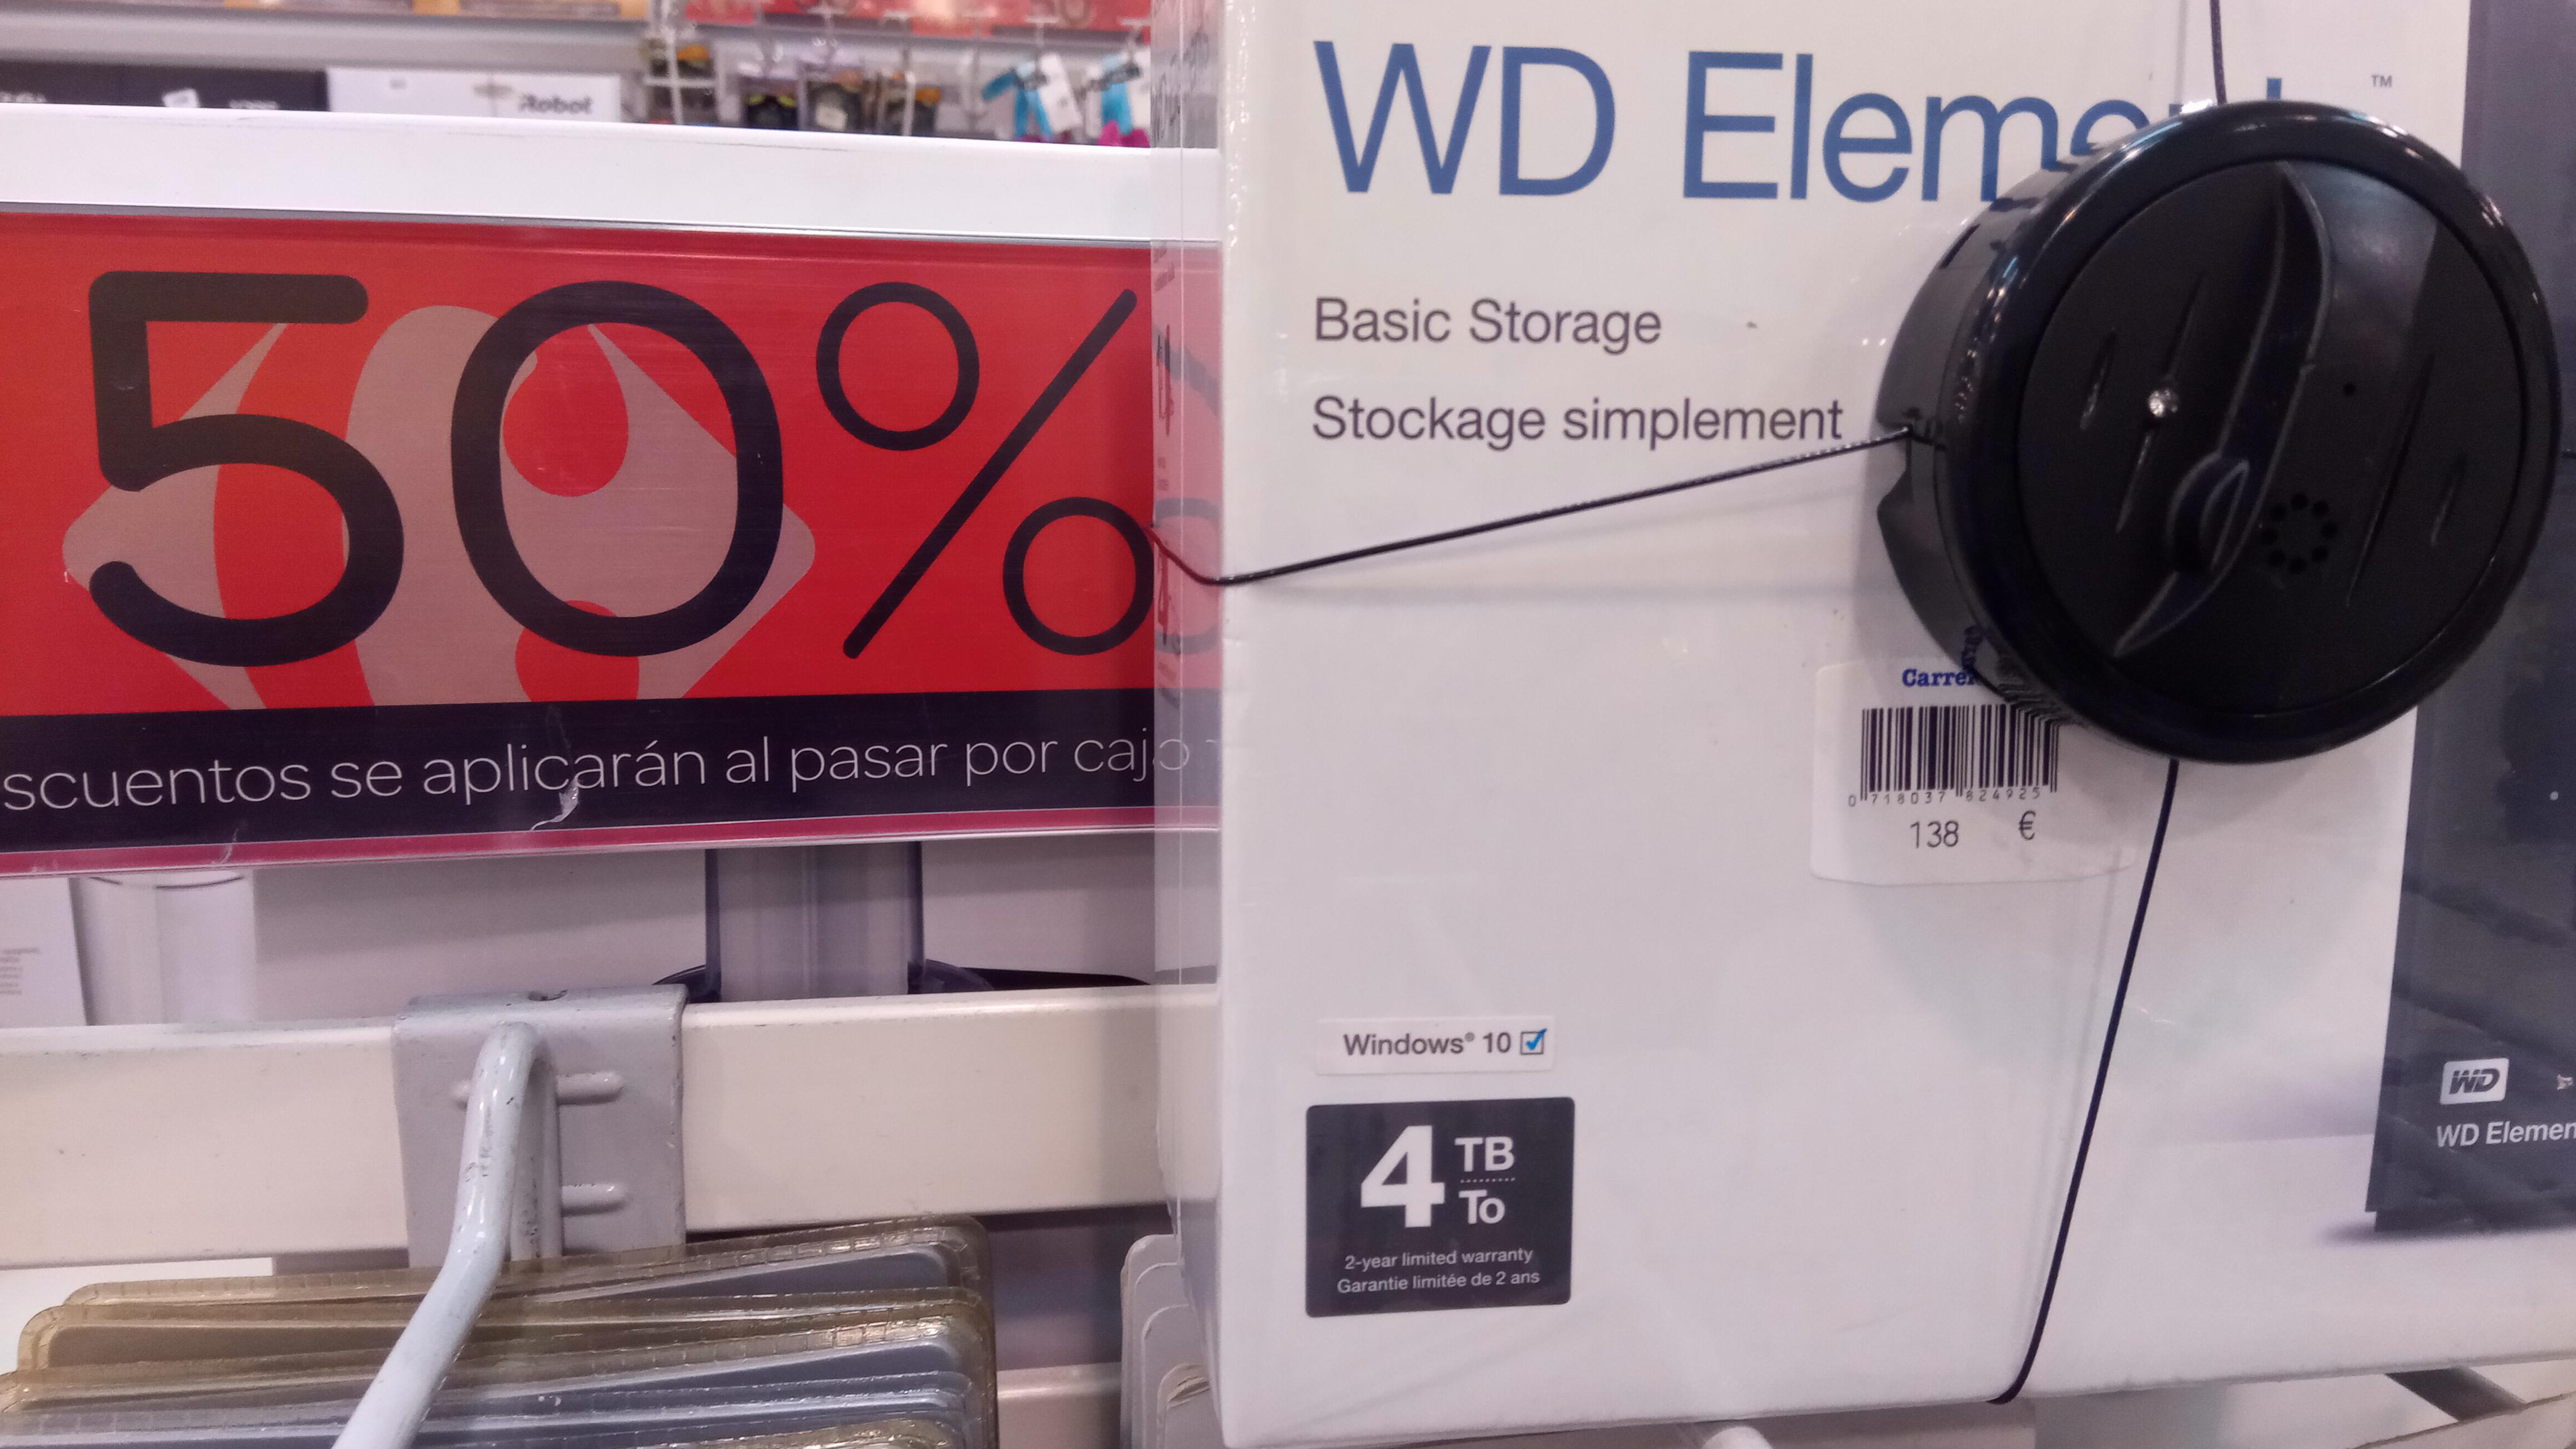 WD Elements 4 TB Externo 3.0 (OUTLET CC GORBEIA VITORIA)